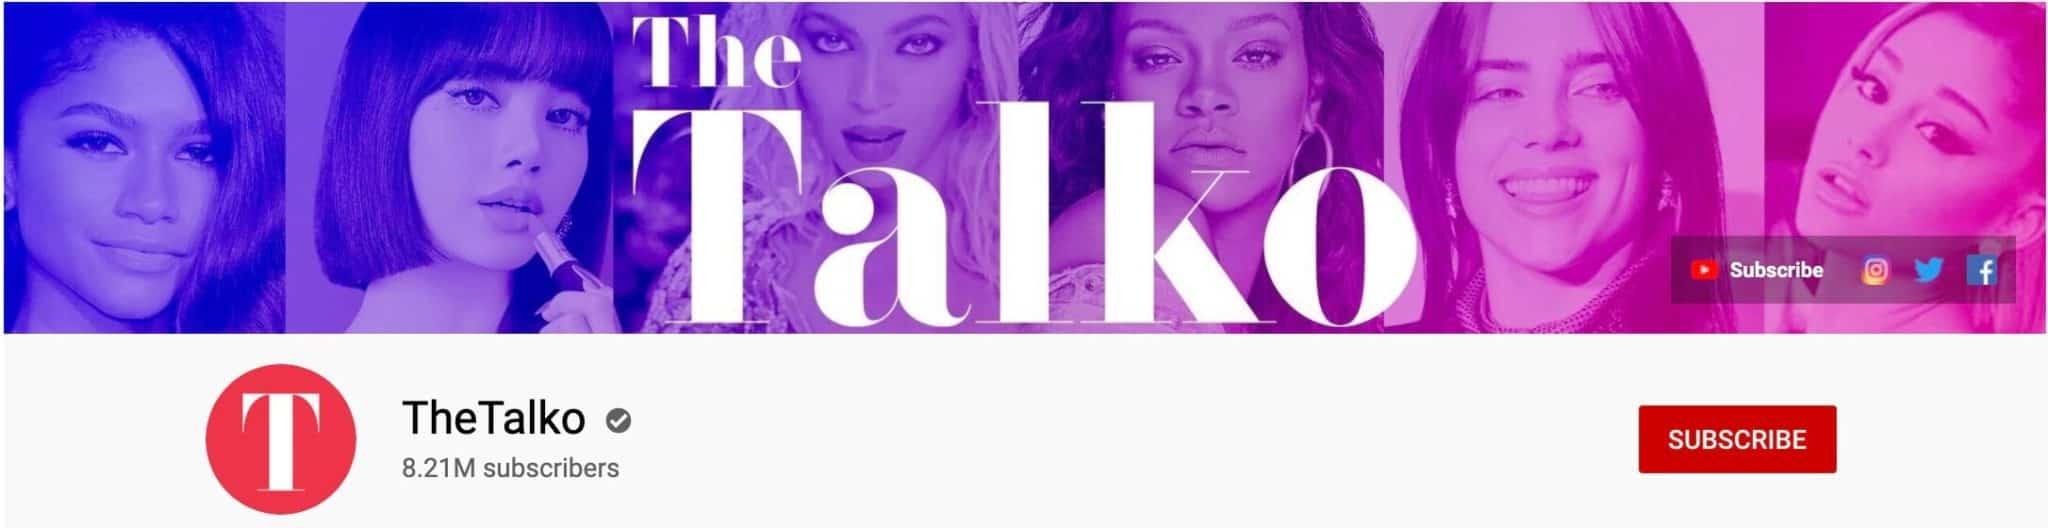 The Talko